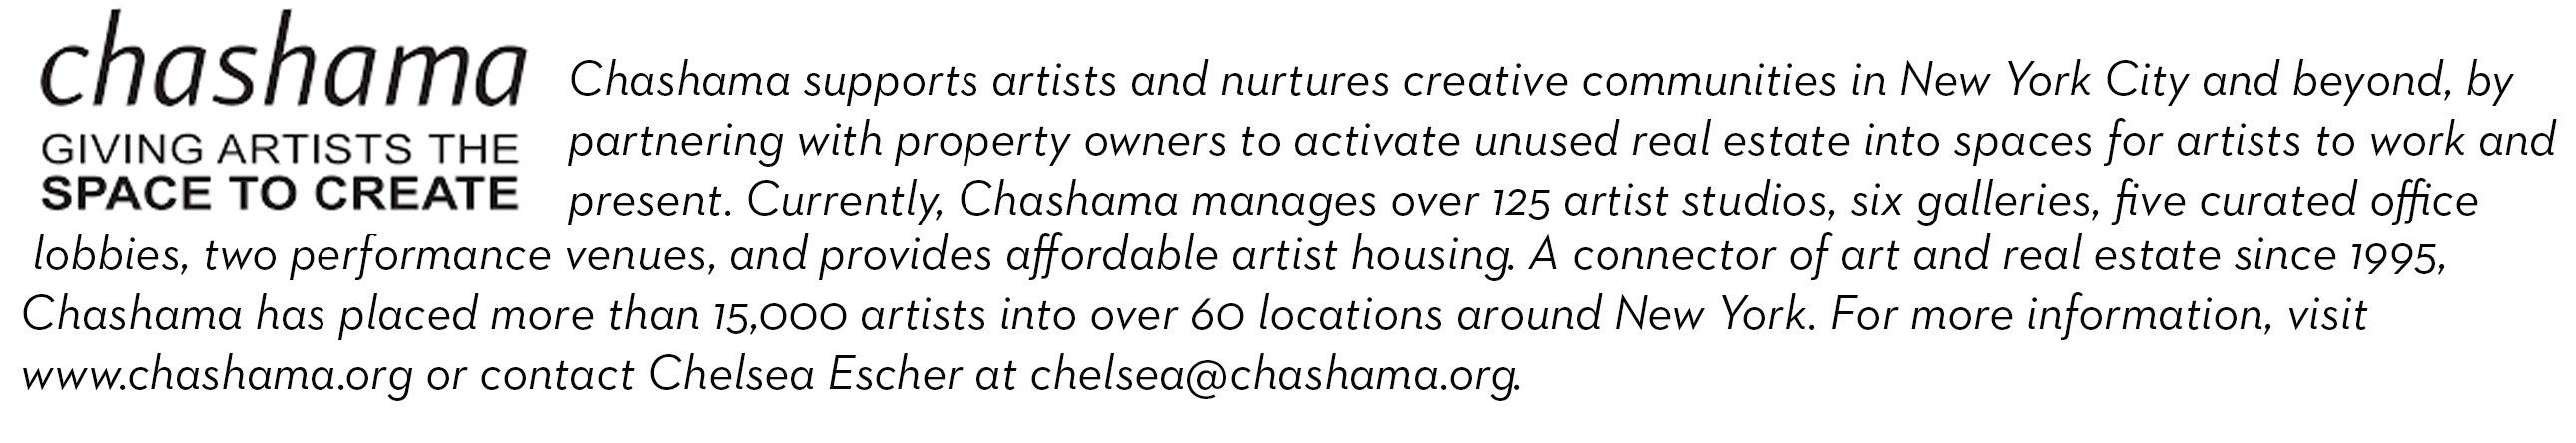 Chashama 4